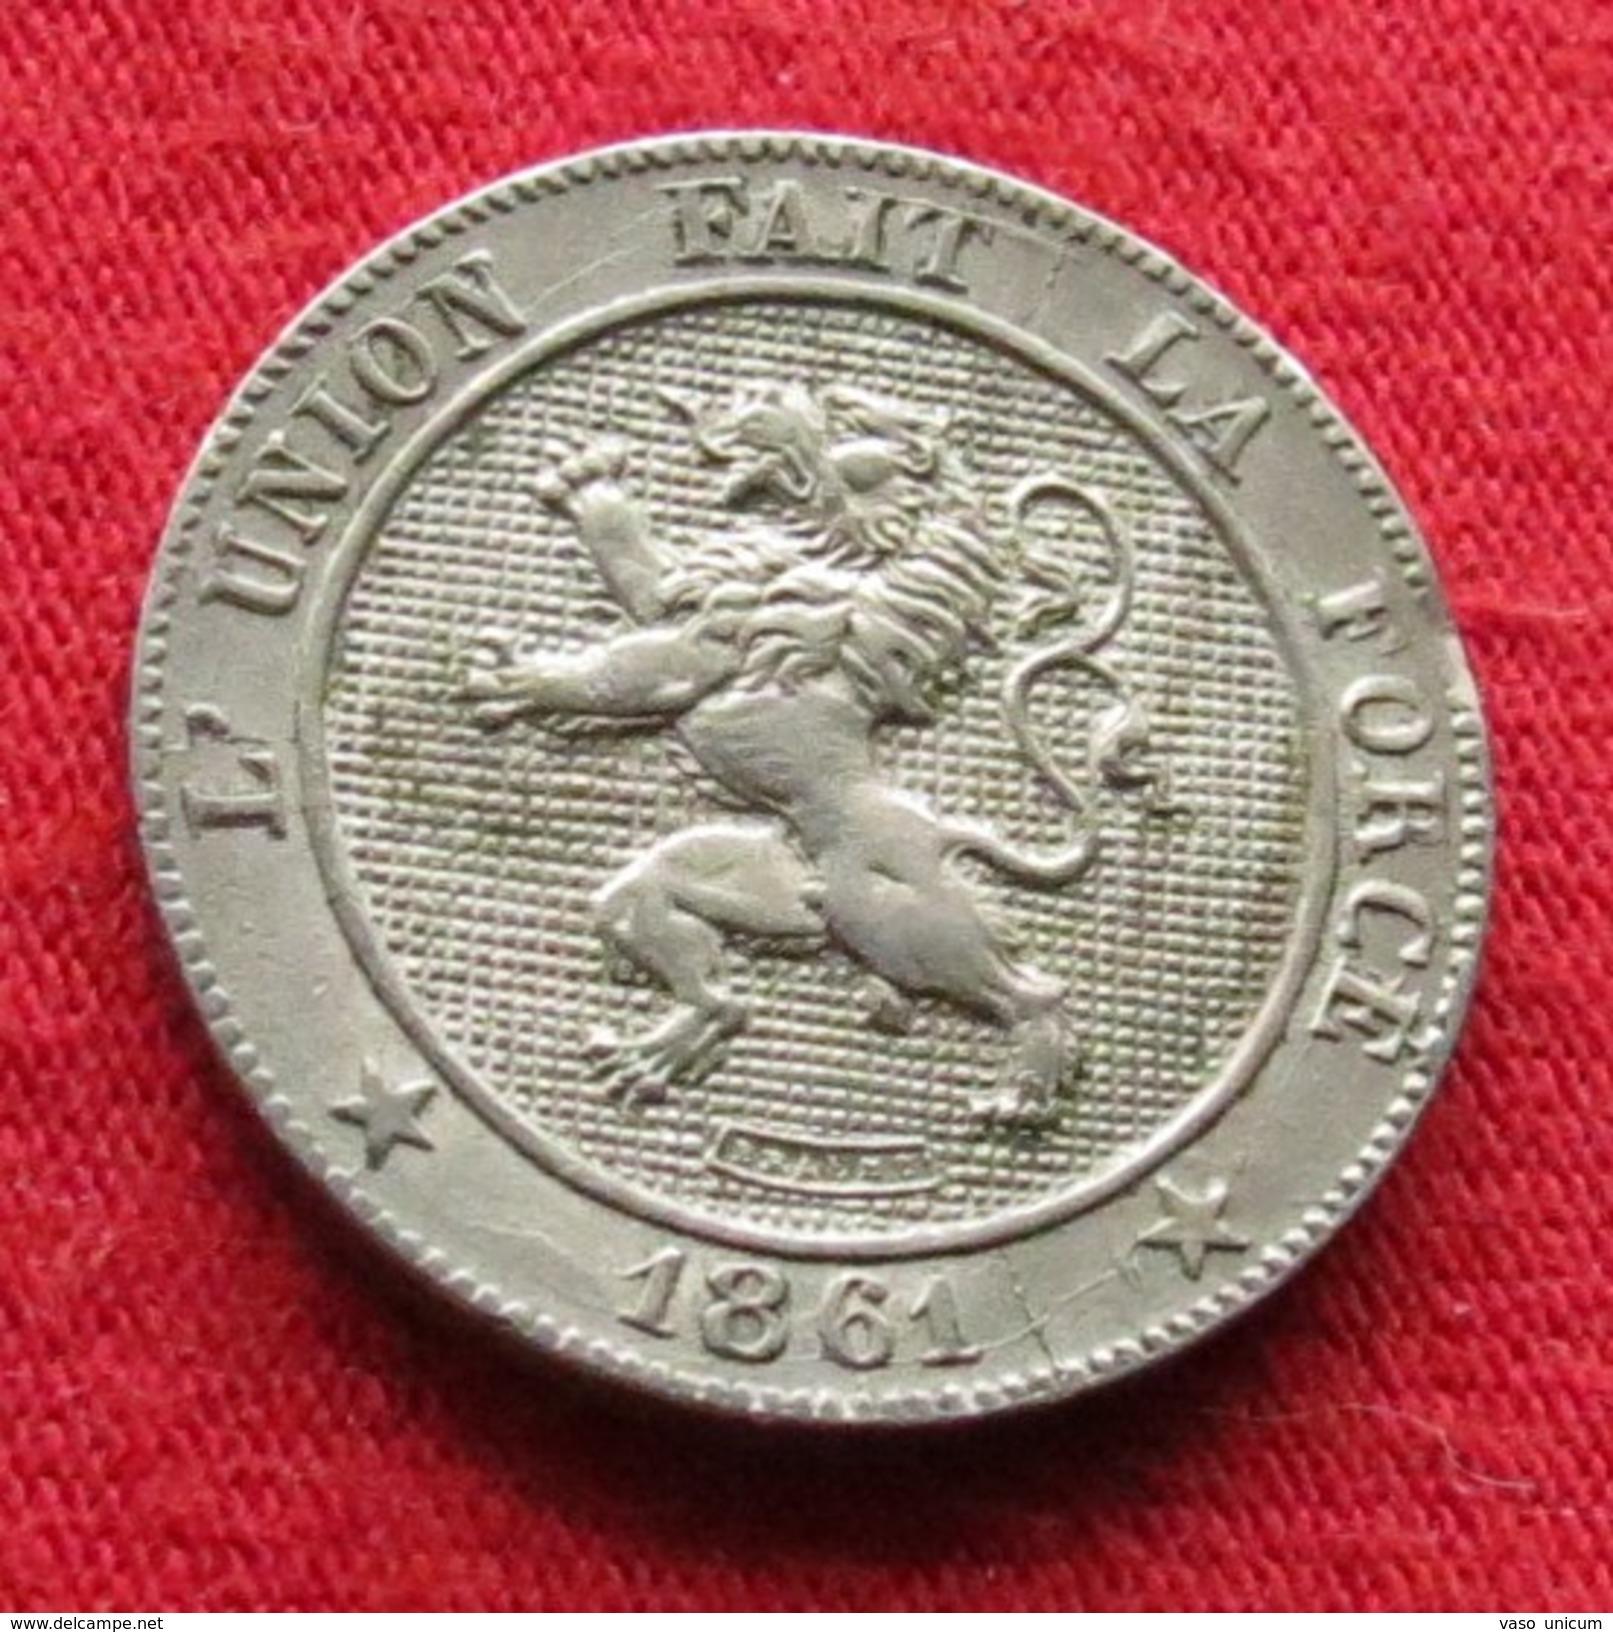 Belgium 5 Centimes 1861 Belgica Belgique Belges Belgien - Belgique